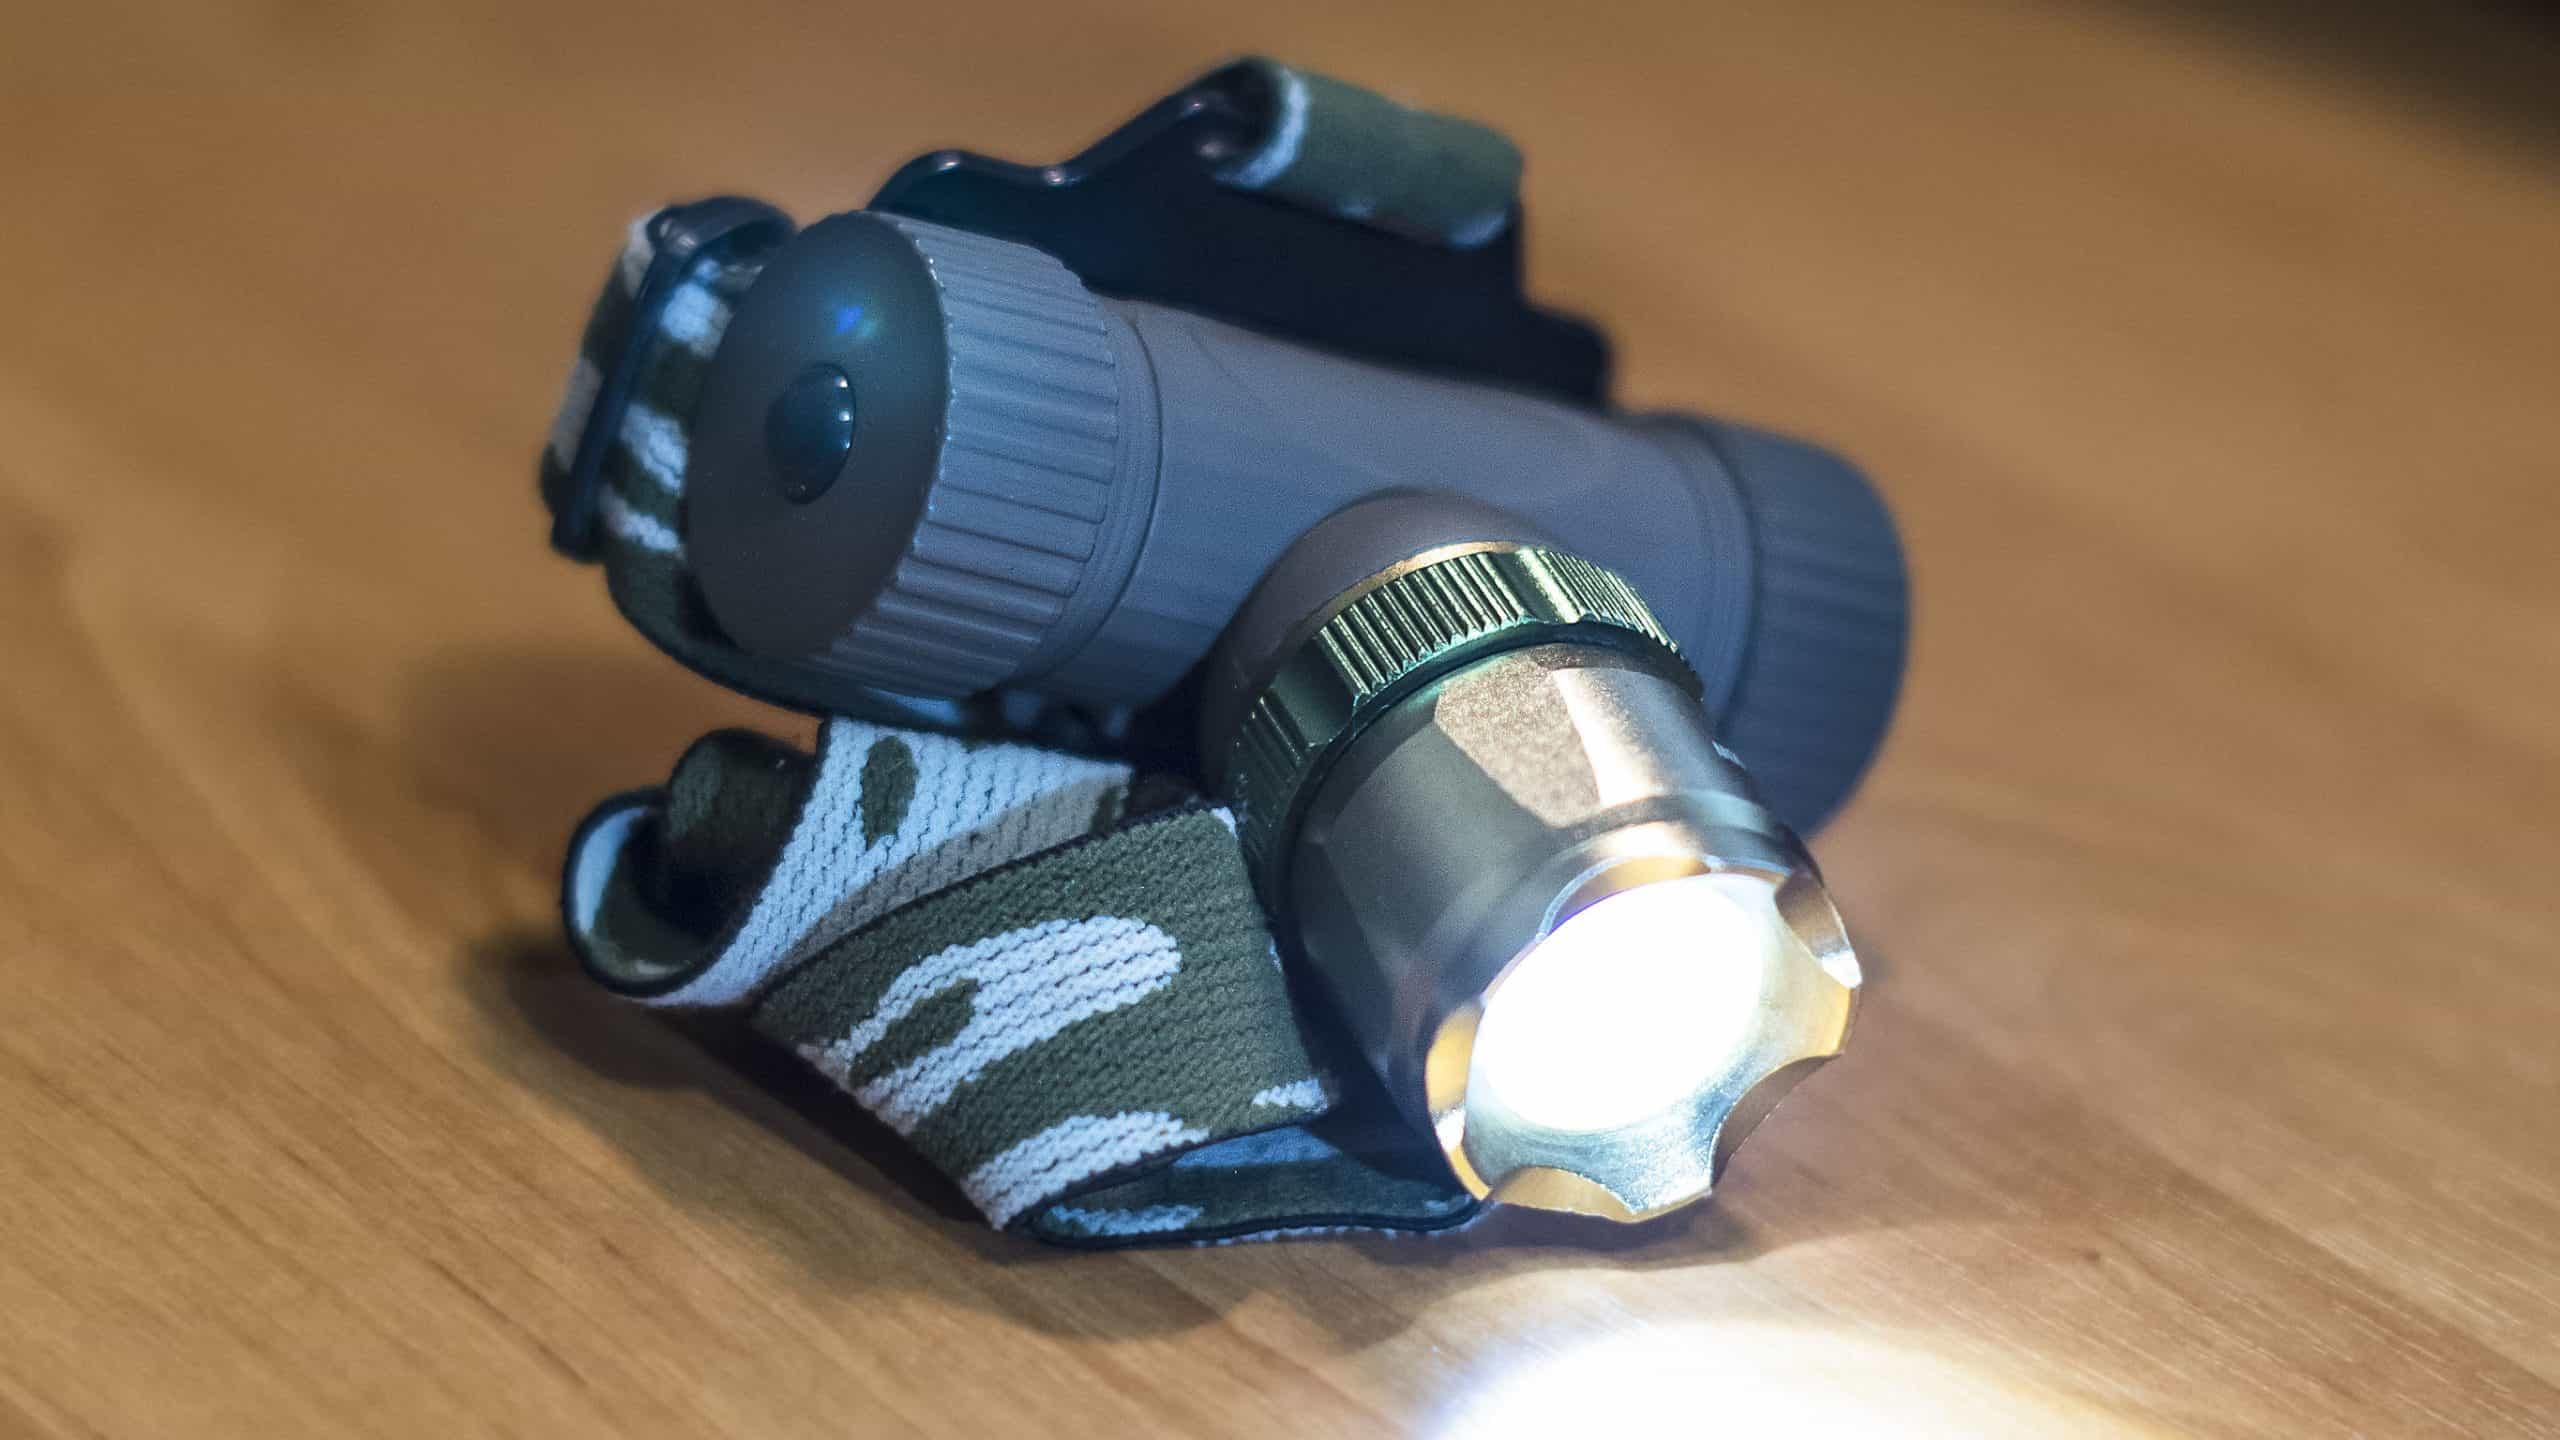 Hoofdlamp: Wat zijn de beste hoofdlampen van 2021?